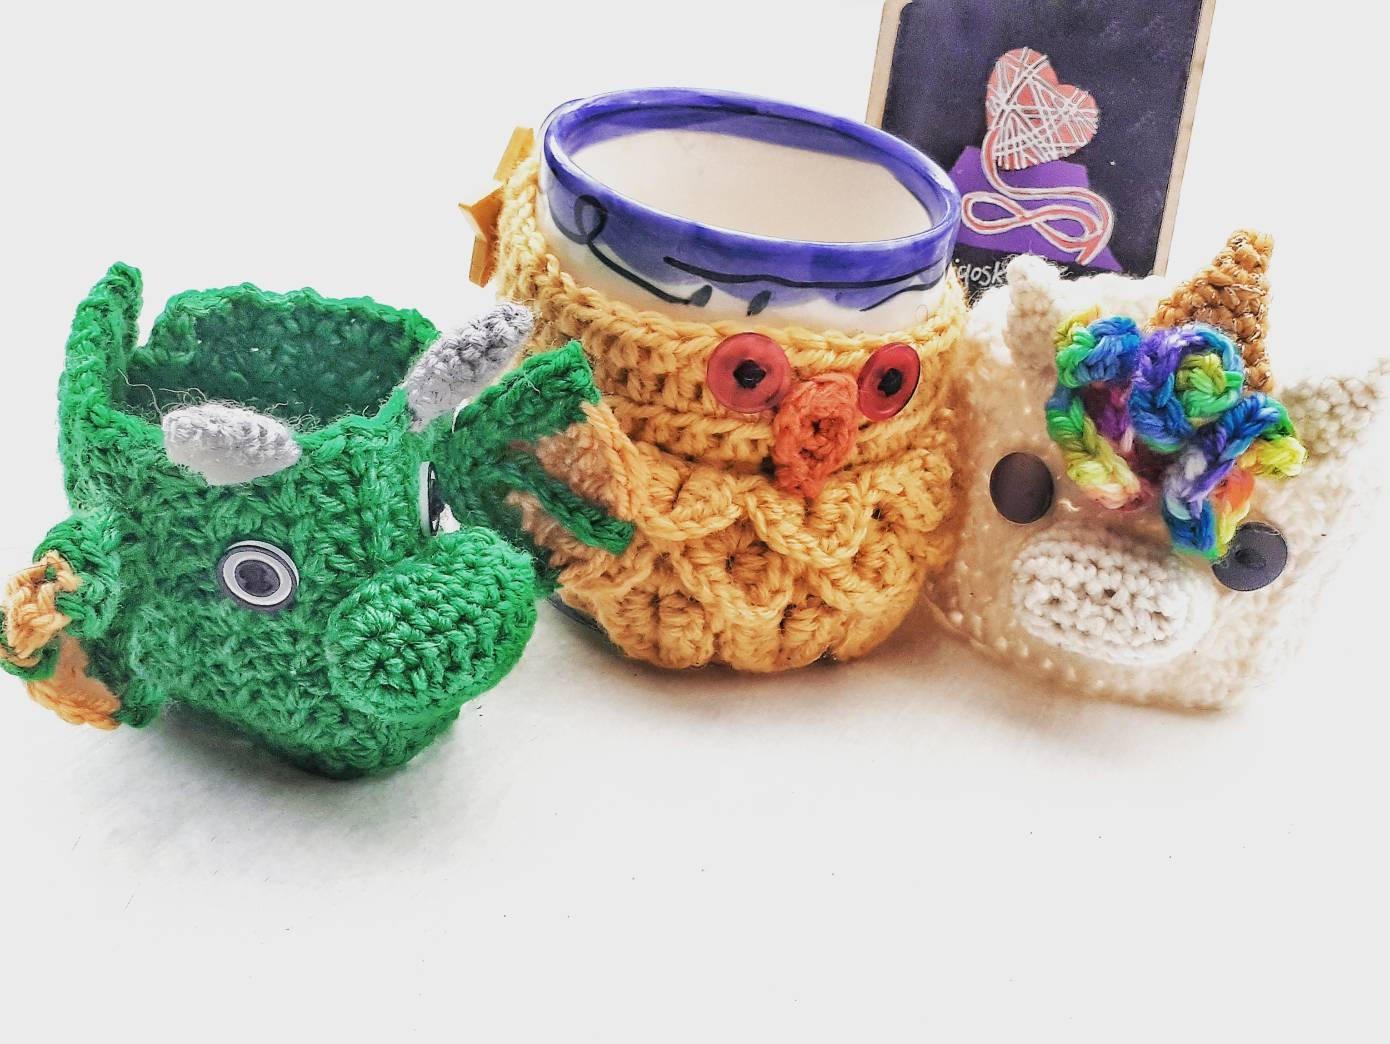 Indigosky2knit novelty mug cosies dragon owl and unicorn